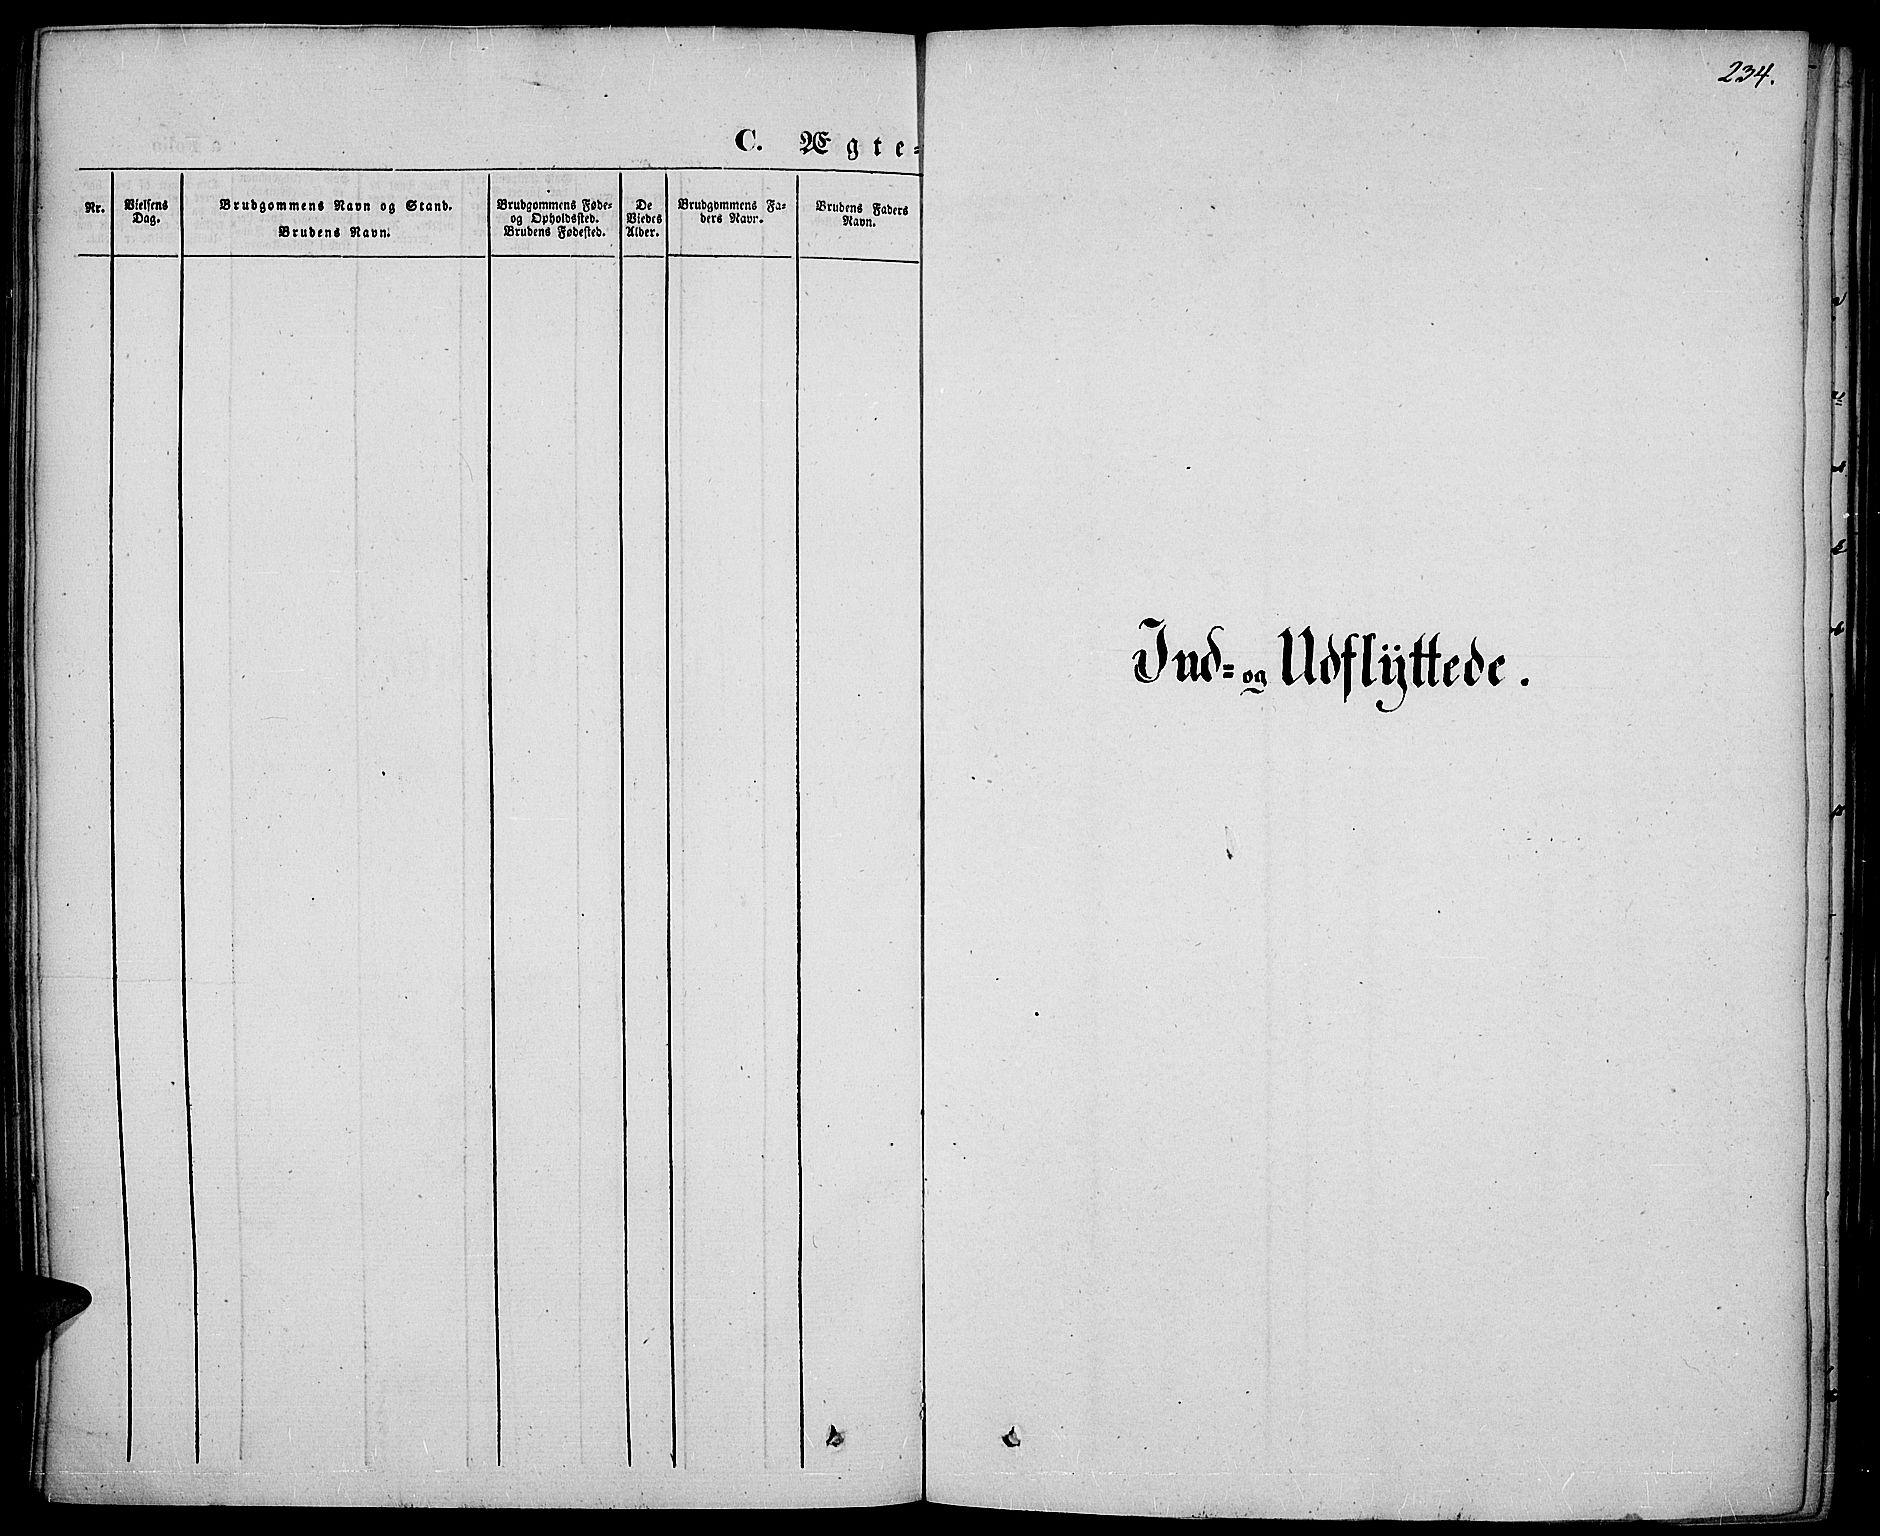 SAH, Vestre Toten prestekontor, Ministerialbok nr. 4, 1844-1849, s. 234